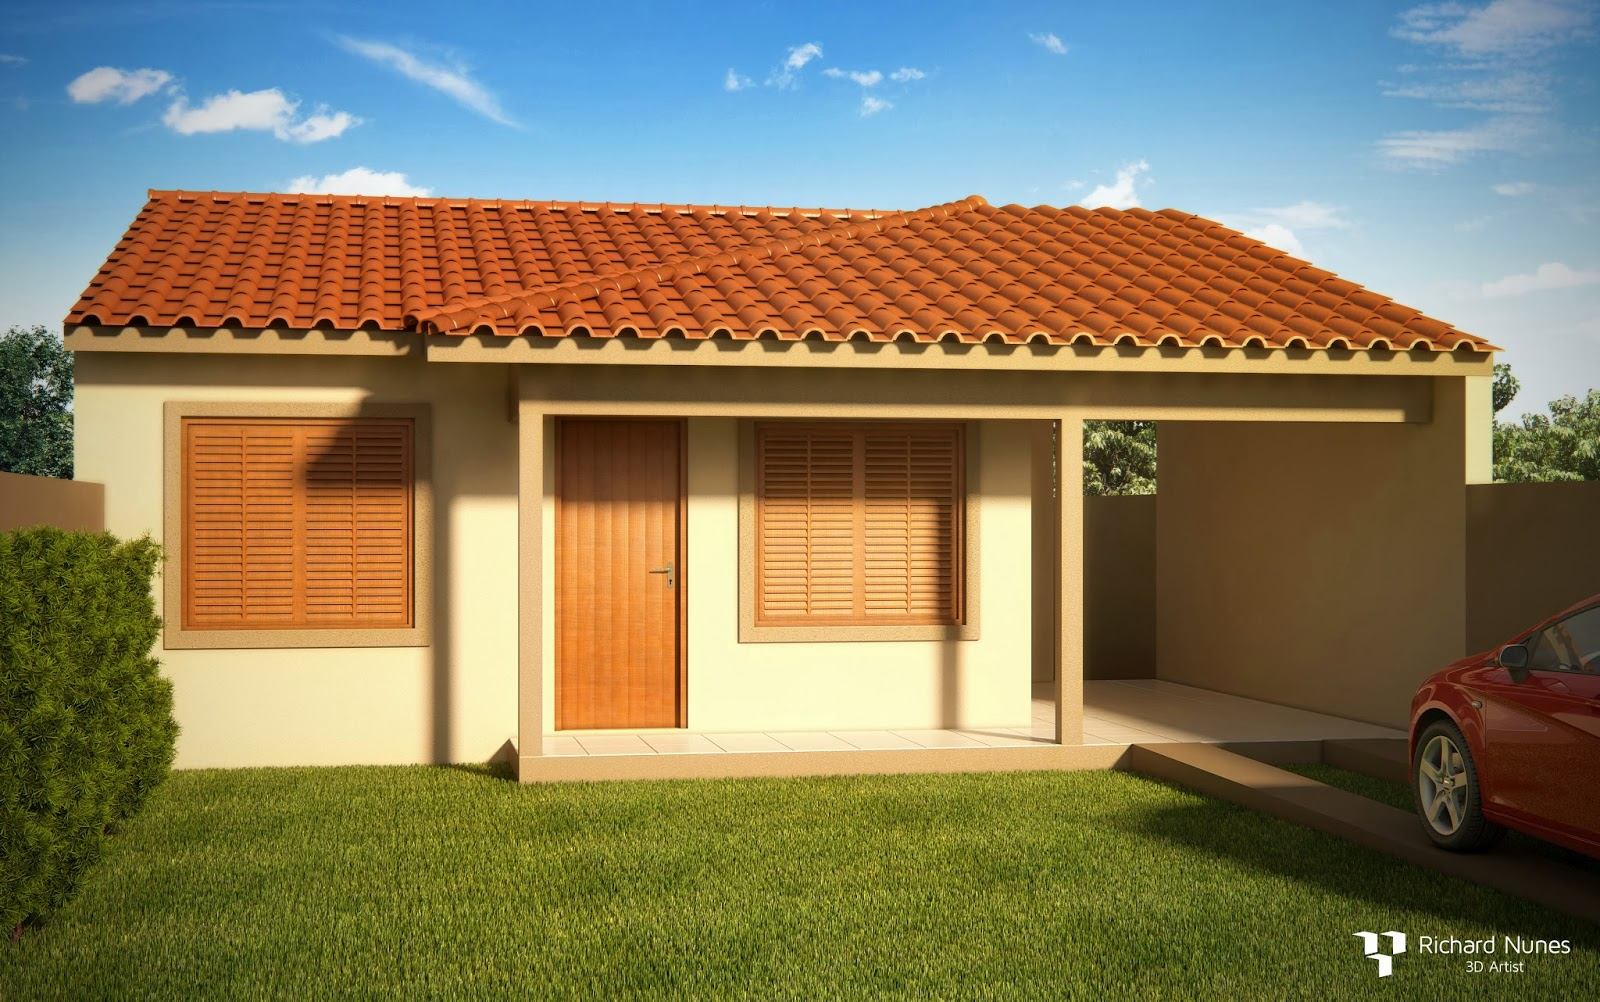 Richard nunes projeto minha casa minha vida for Casa popular